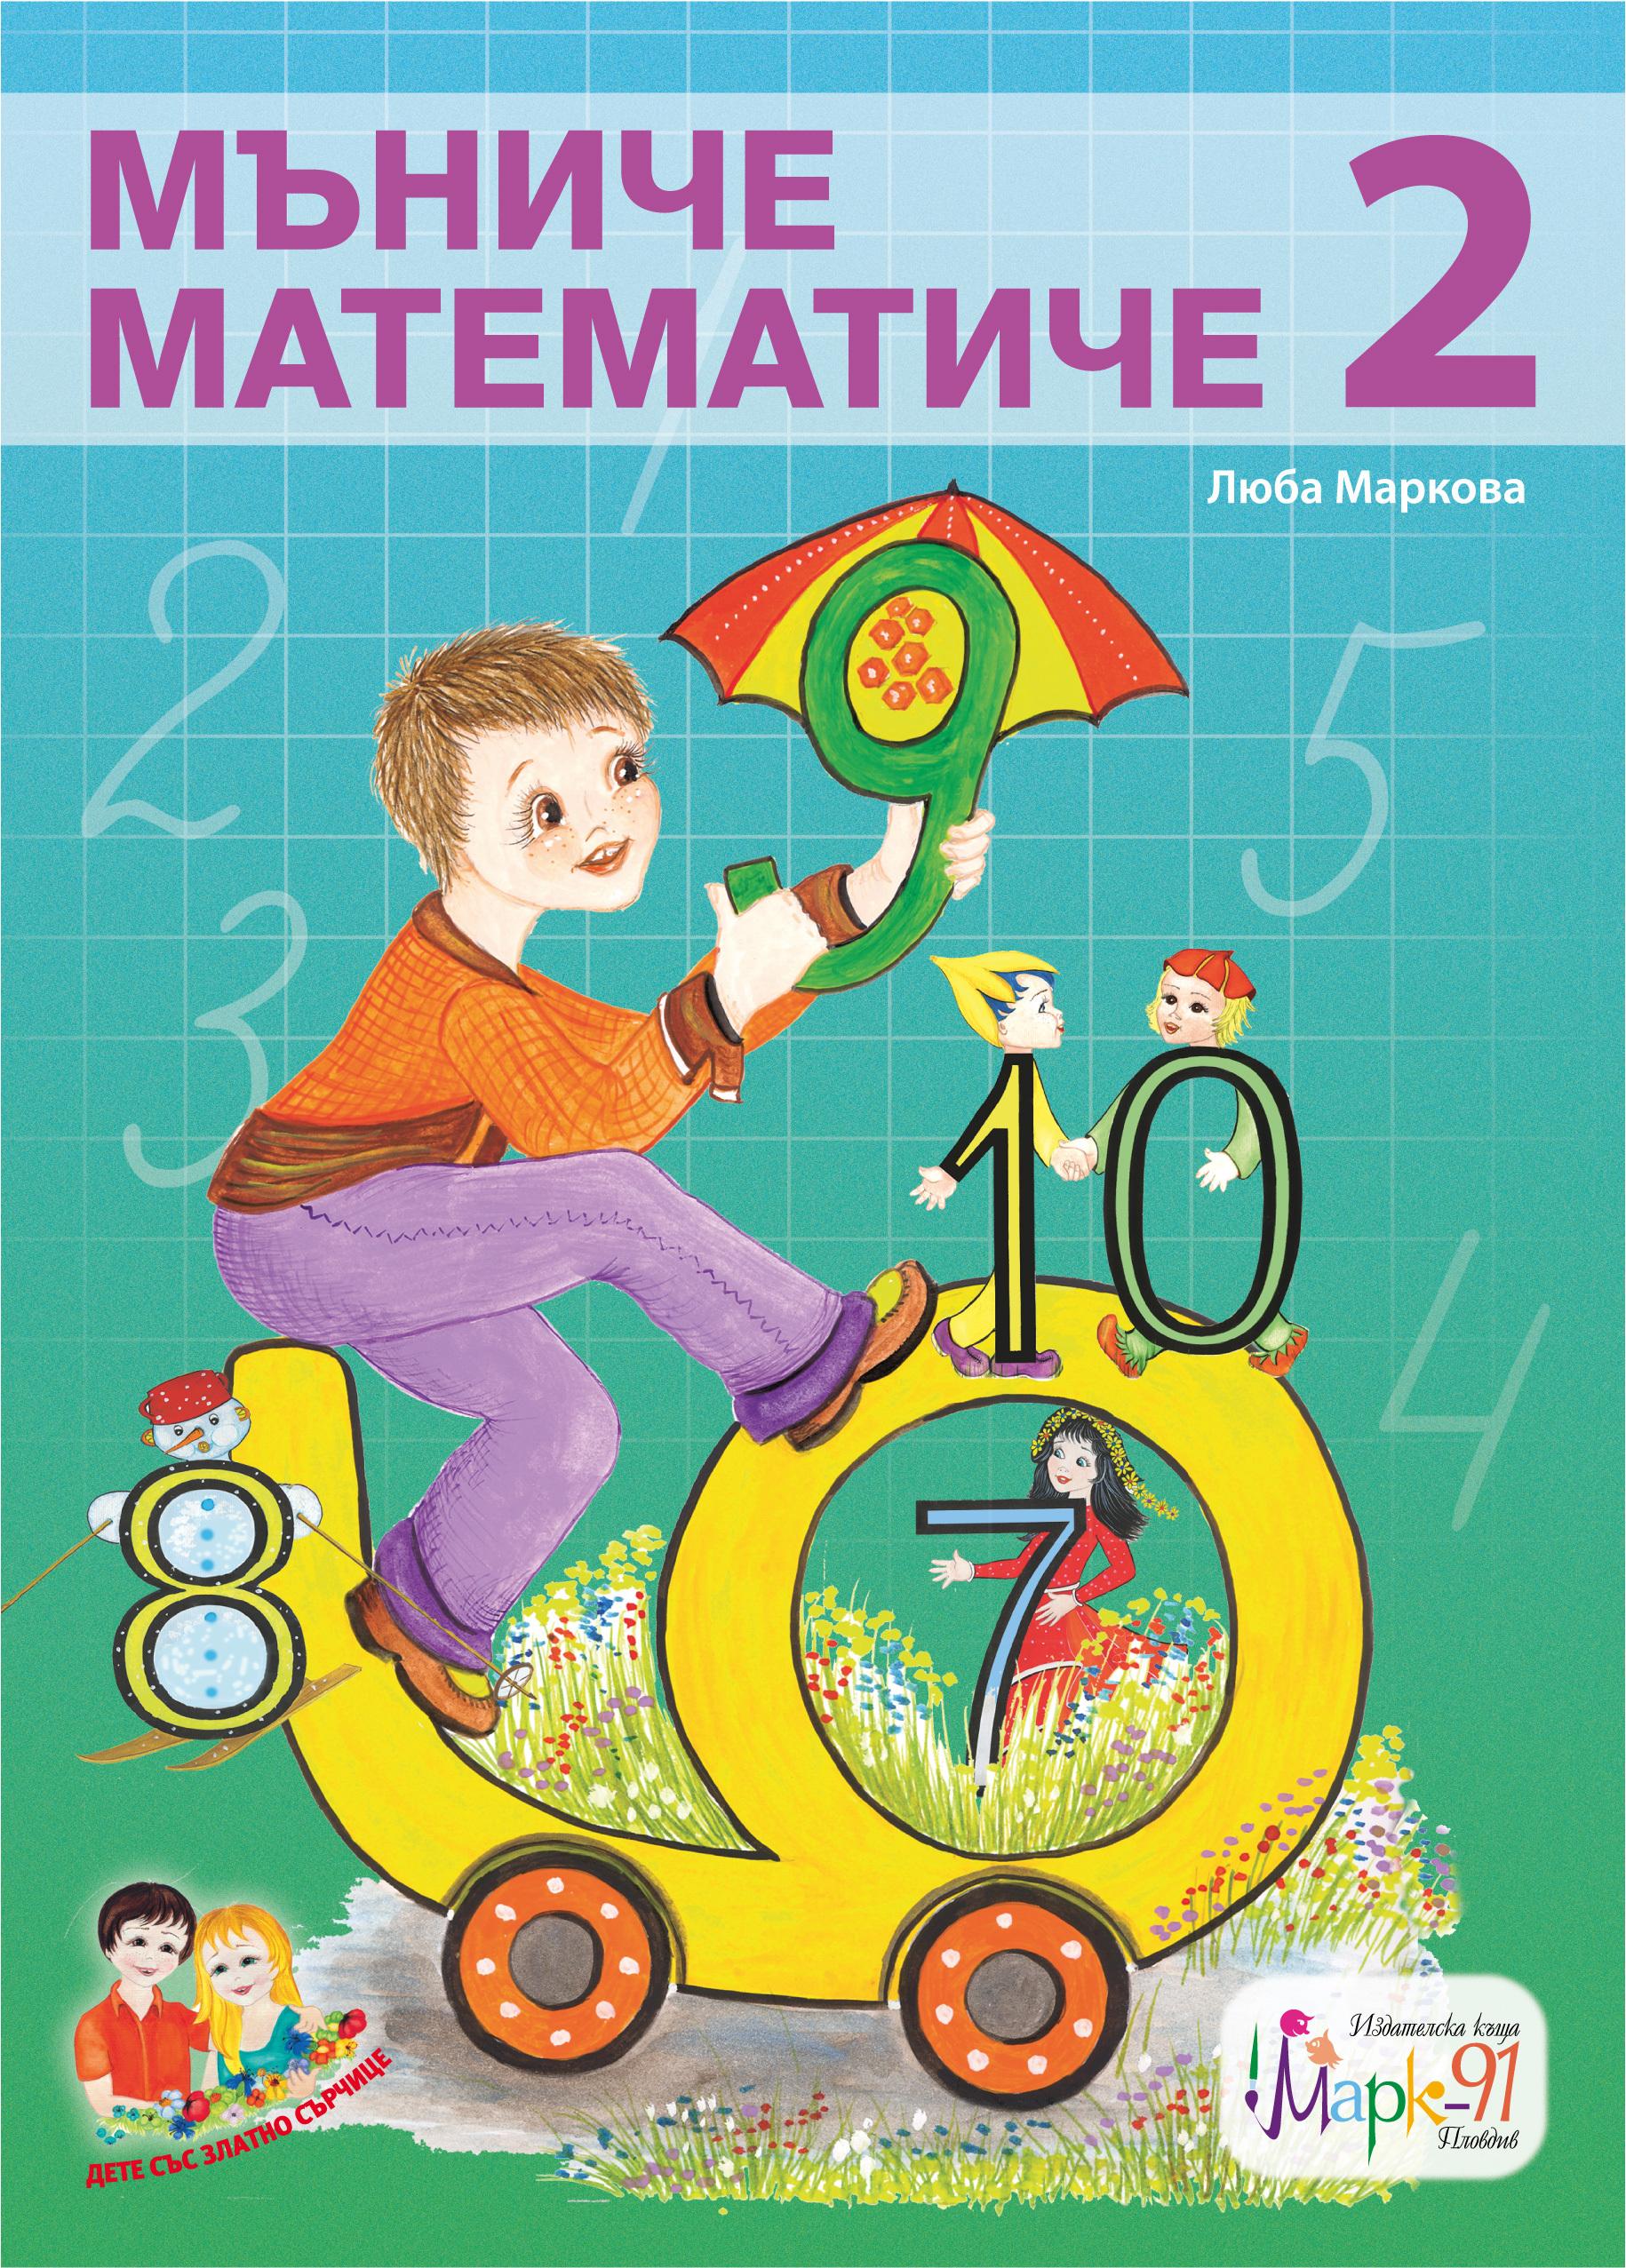 Мъниче математиче 2